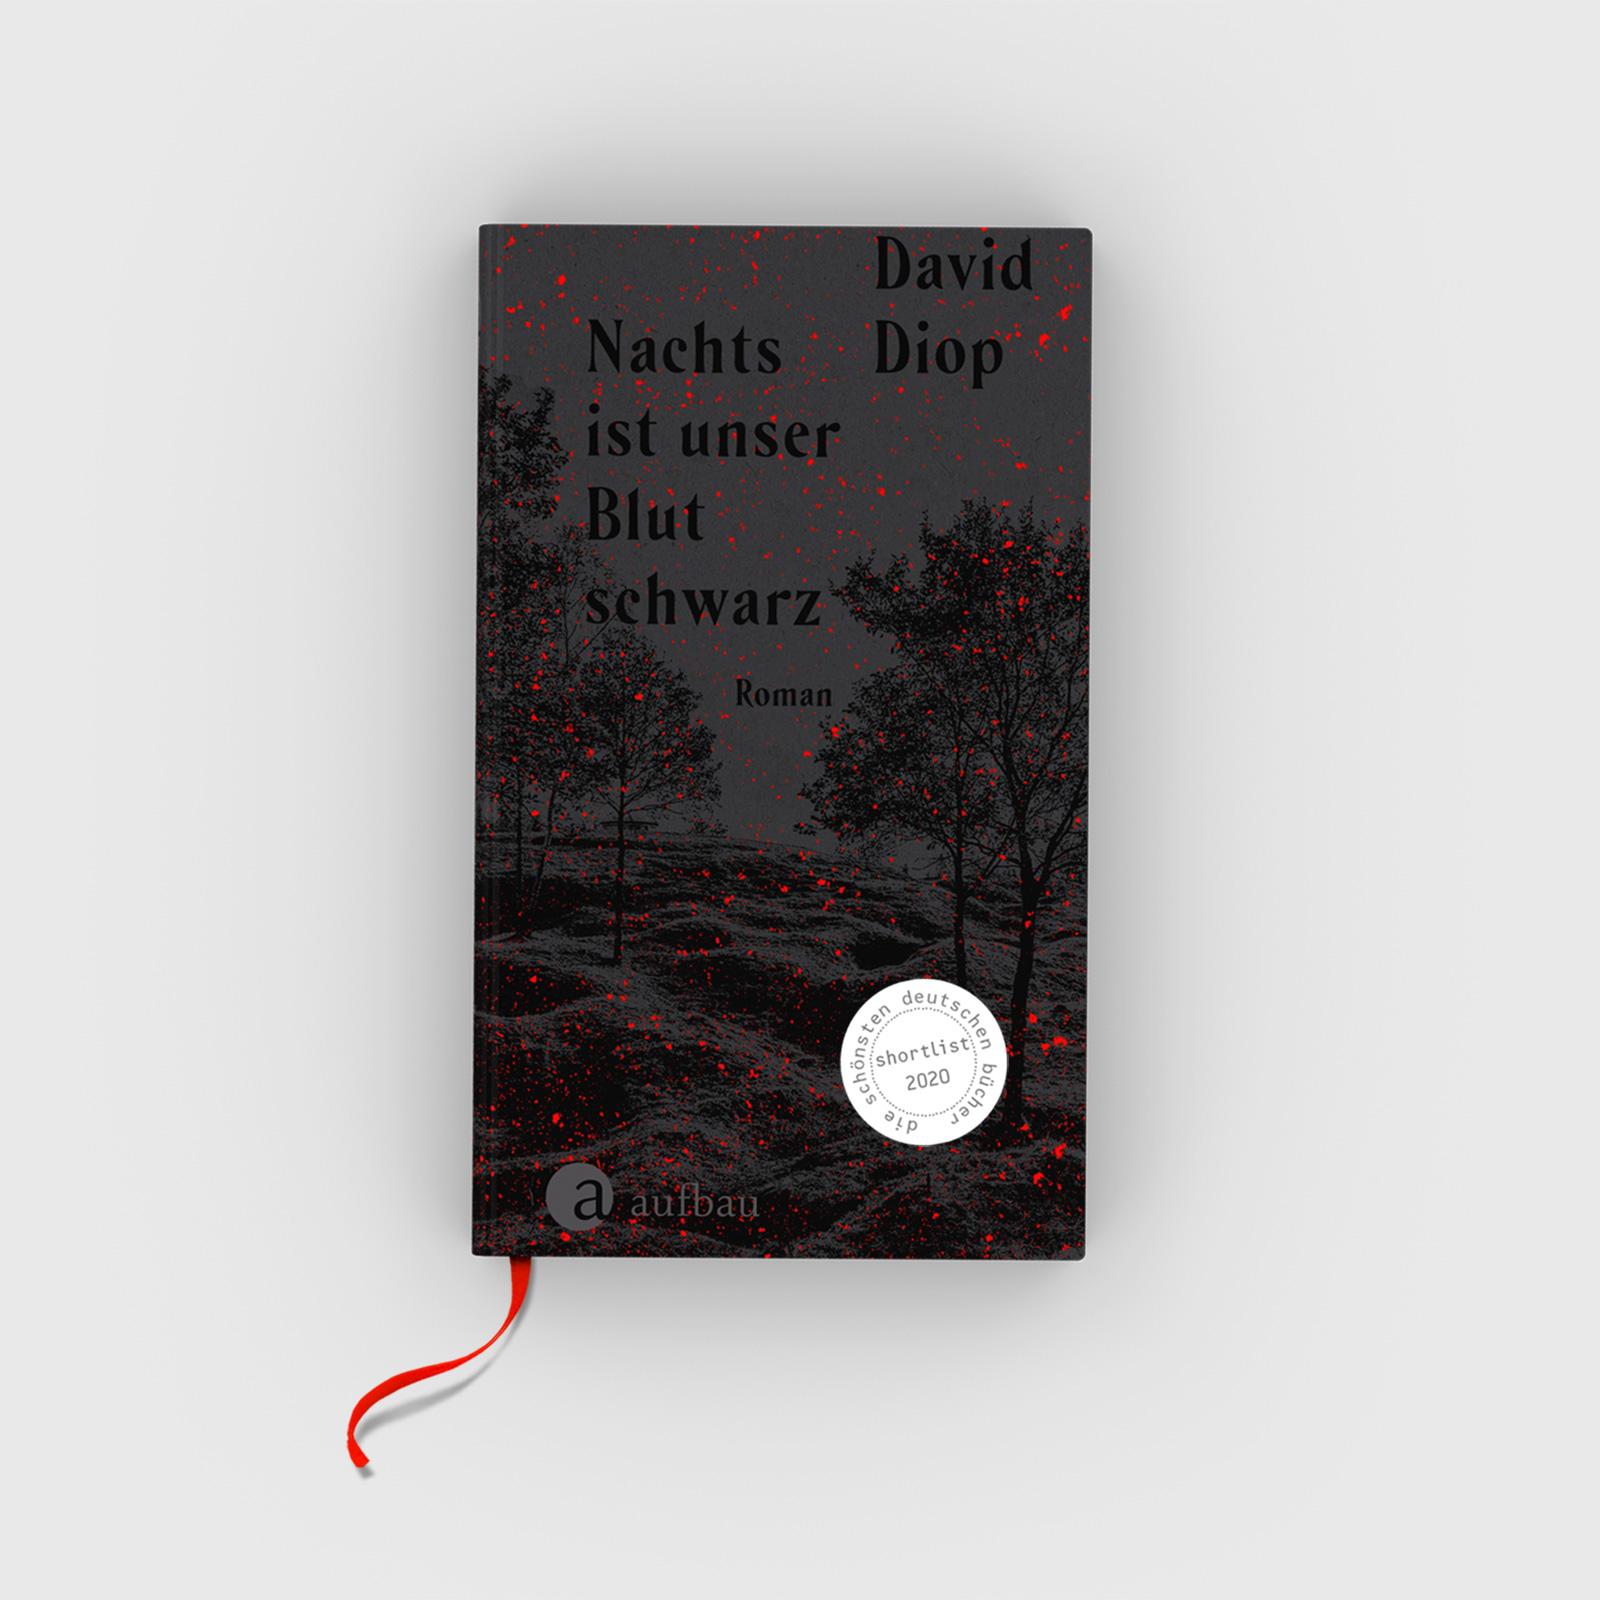 Die schönsten Bücher 2020